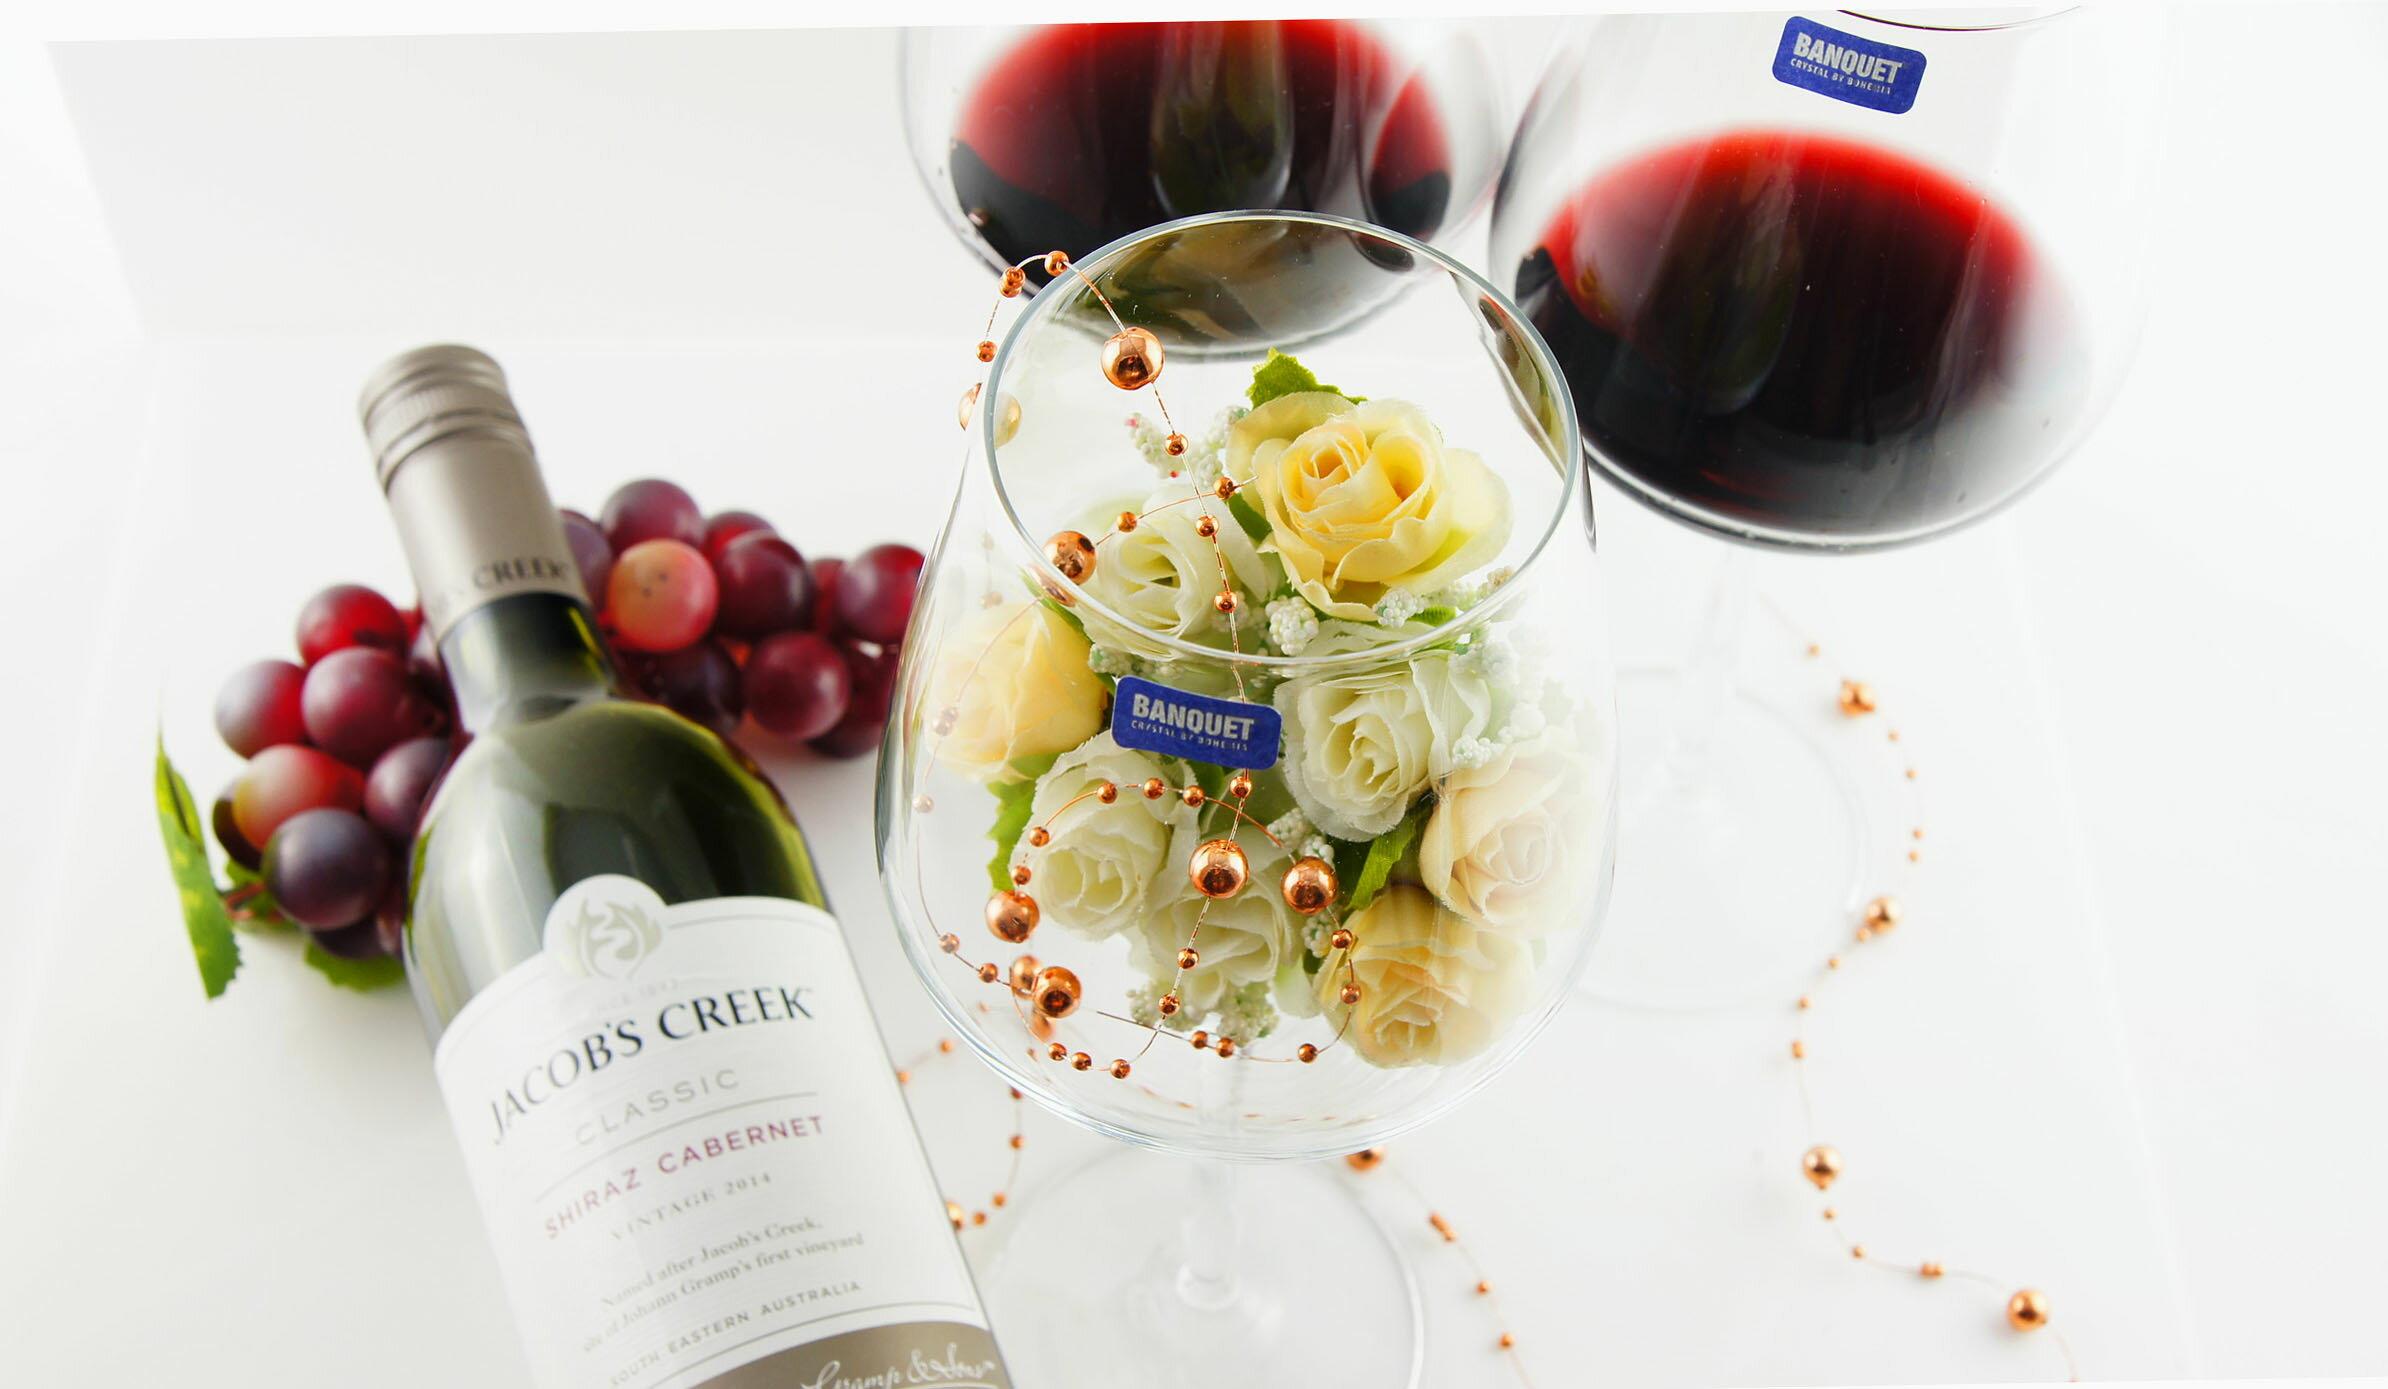 【曉風】Banquet Crystal 捷克水晶白葡萄酒杯*白酒杯 715ml (6入/盒)★美食家典藏版 3